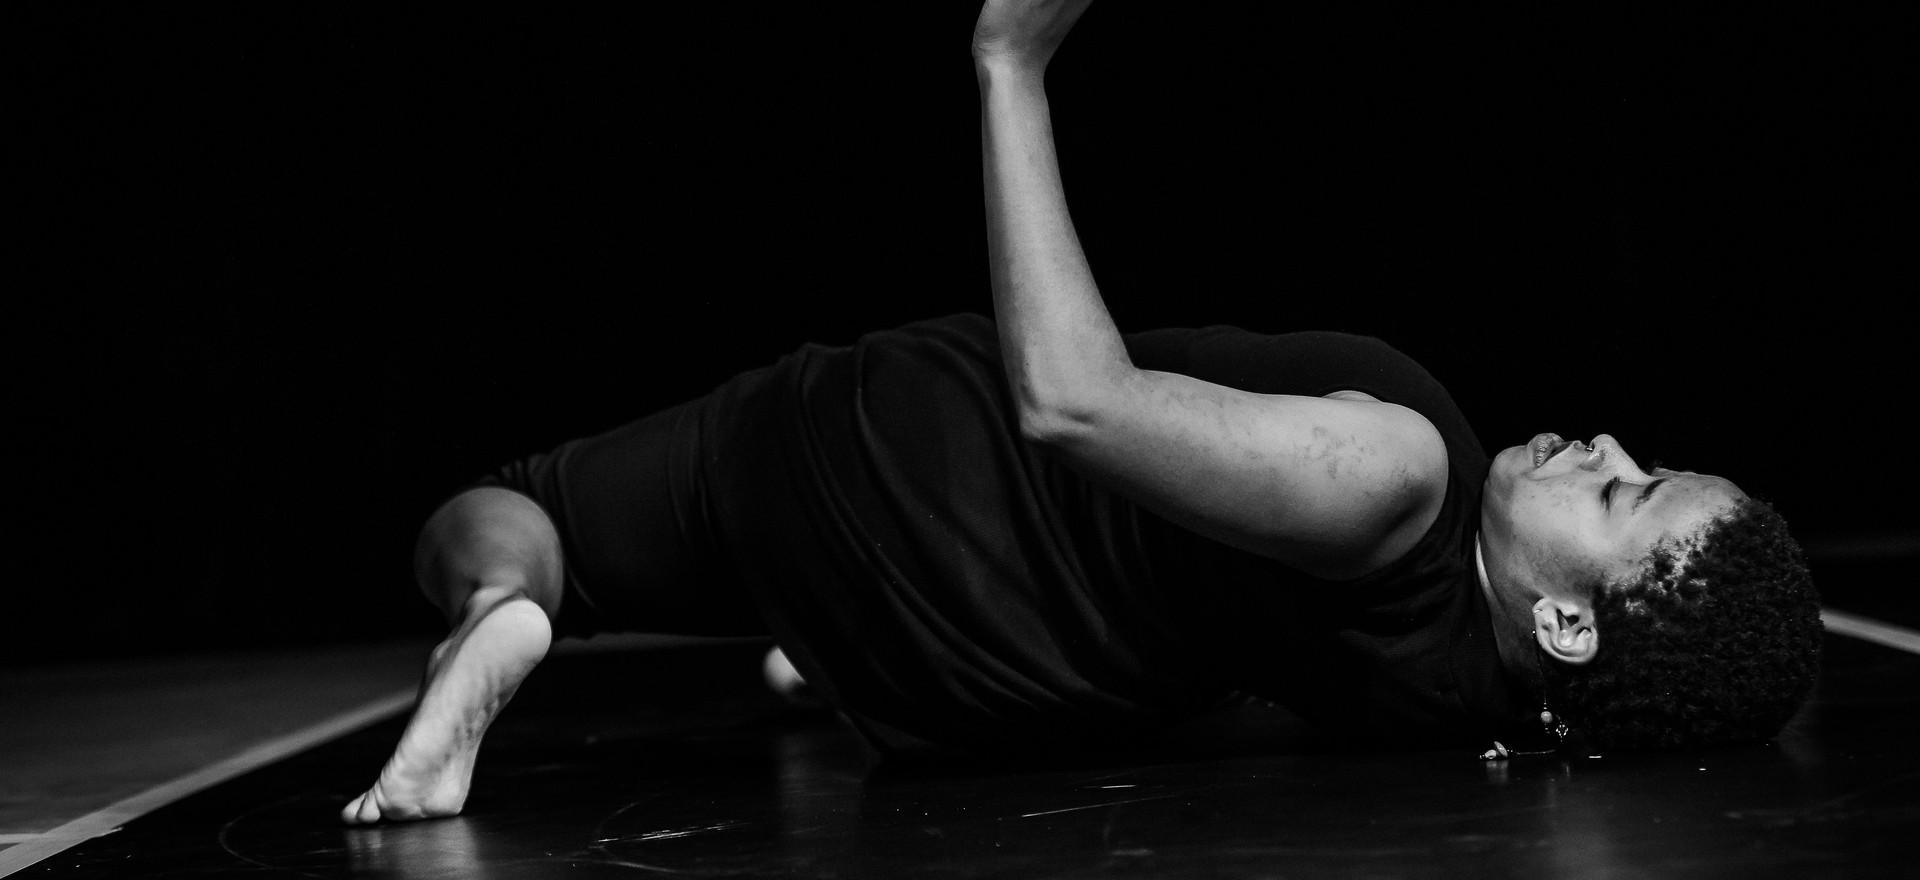 Keisha Bennett by Julie Verlinden